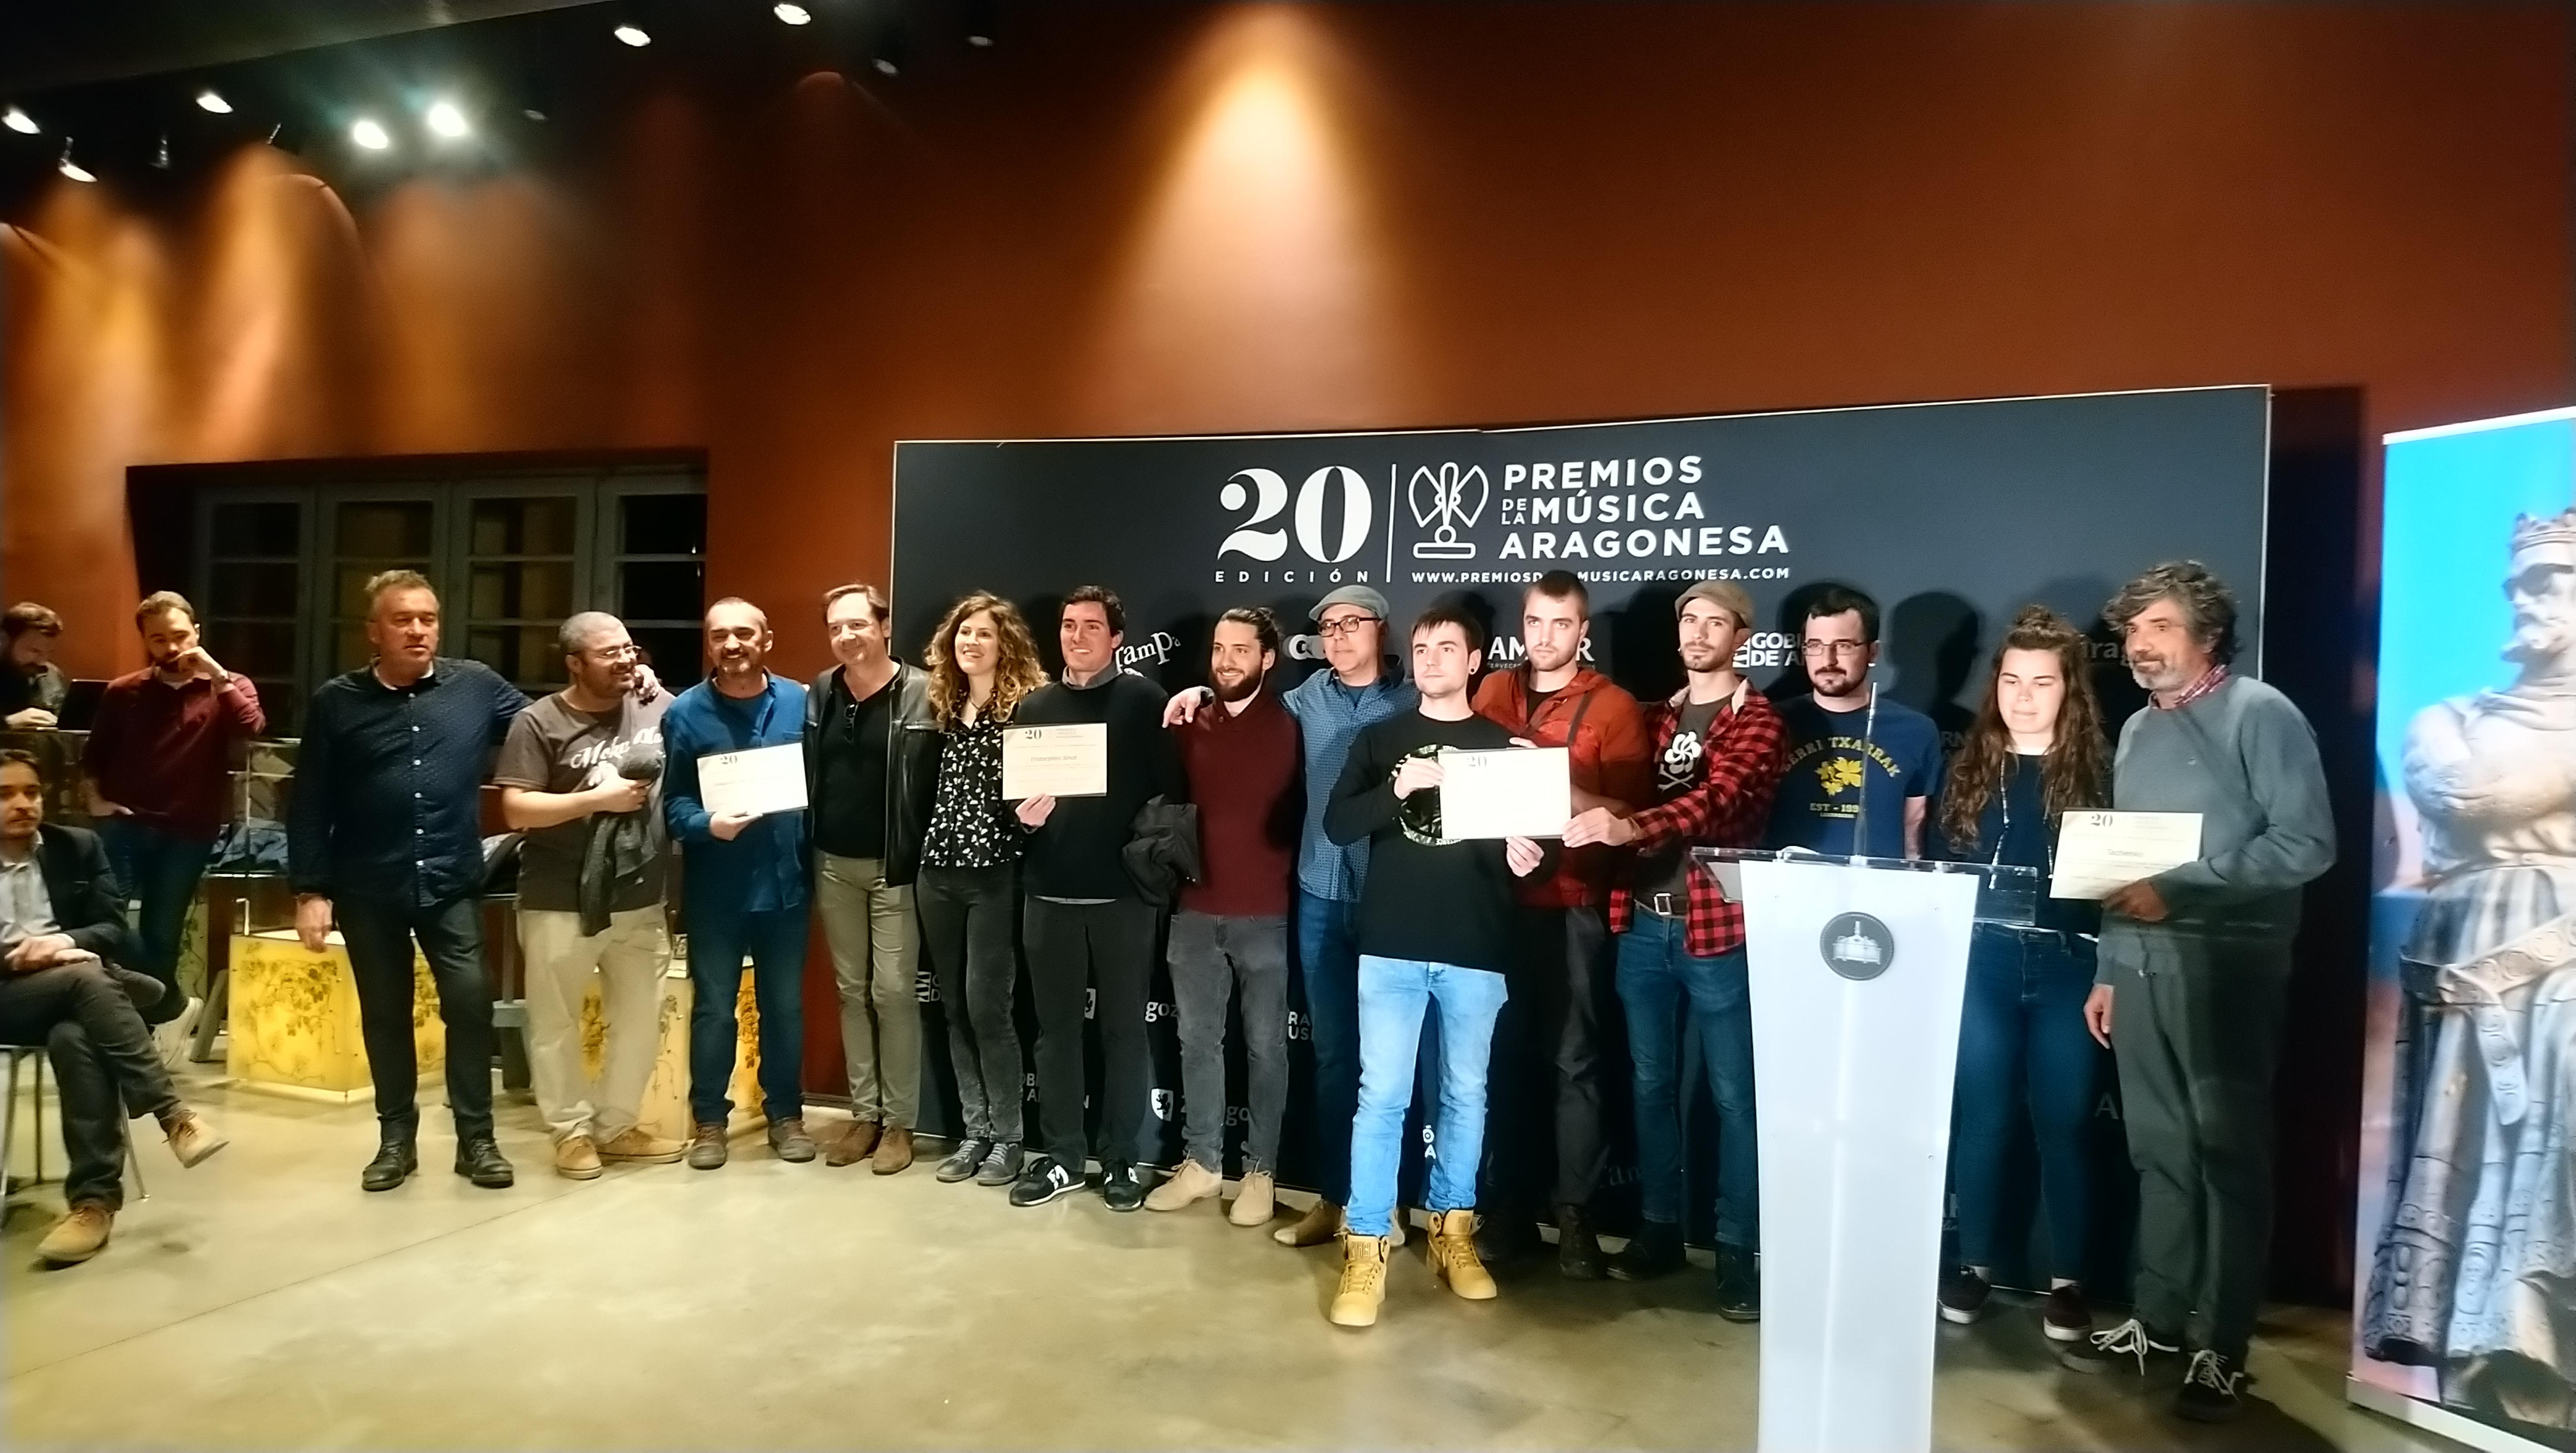 XX Premios de la Música Aragonesa. Nominados a Mejor Grupo.